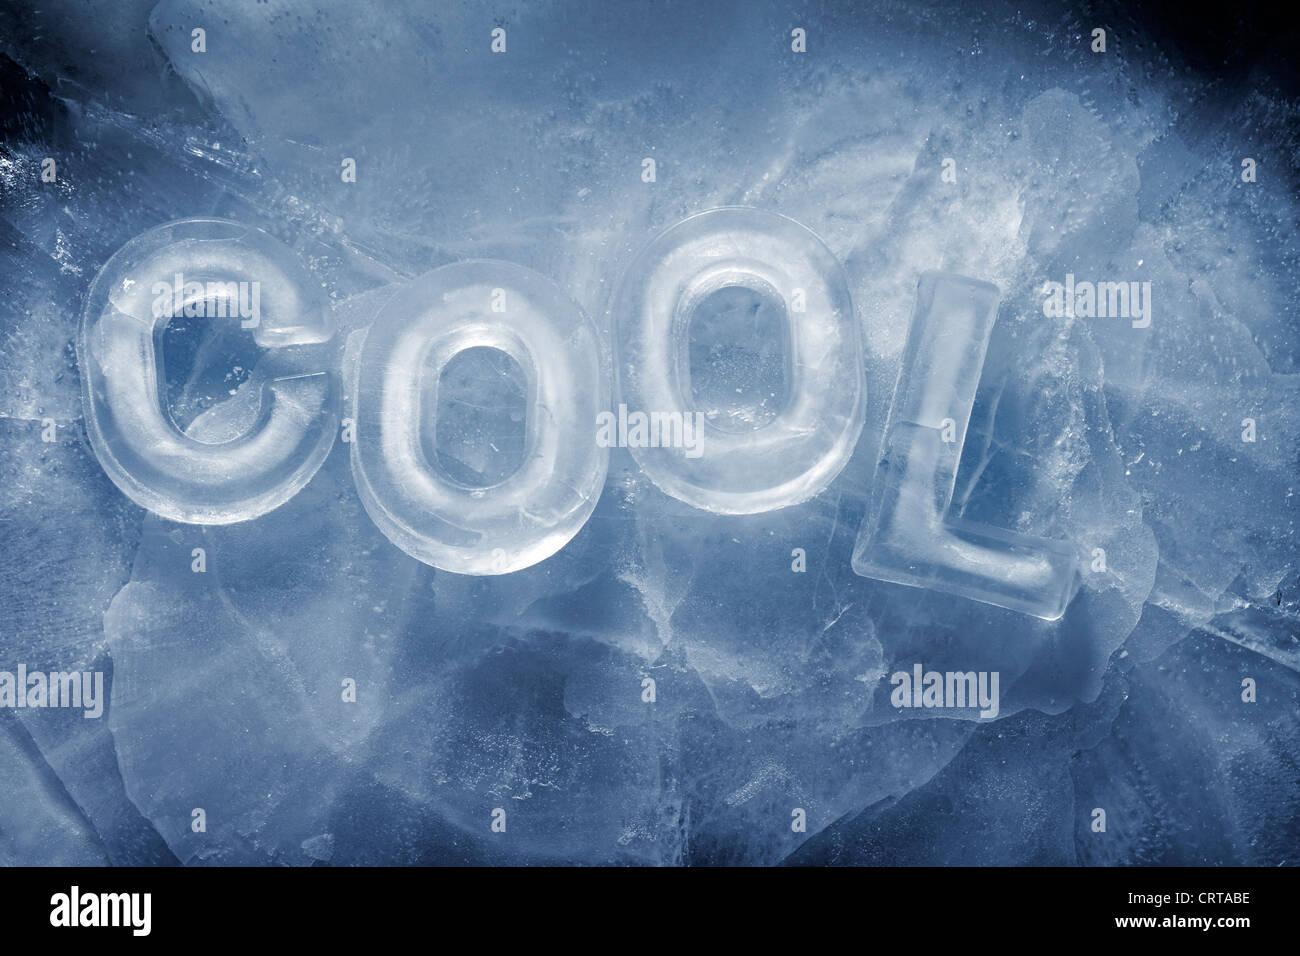 """La palabra """"Cool"""", escrito con letras de hielo real. Imagen De Stock"""